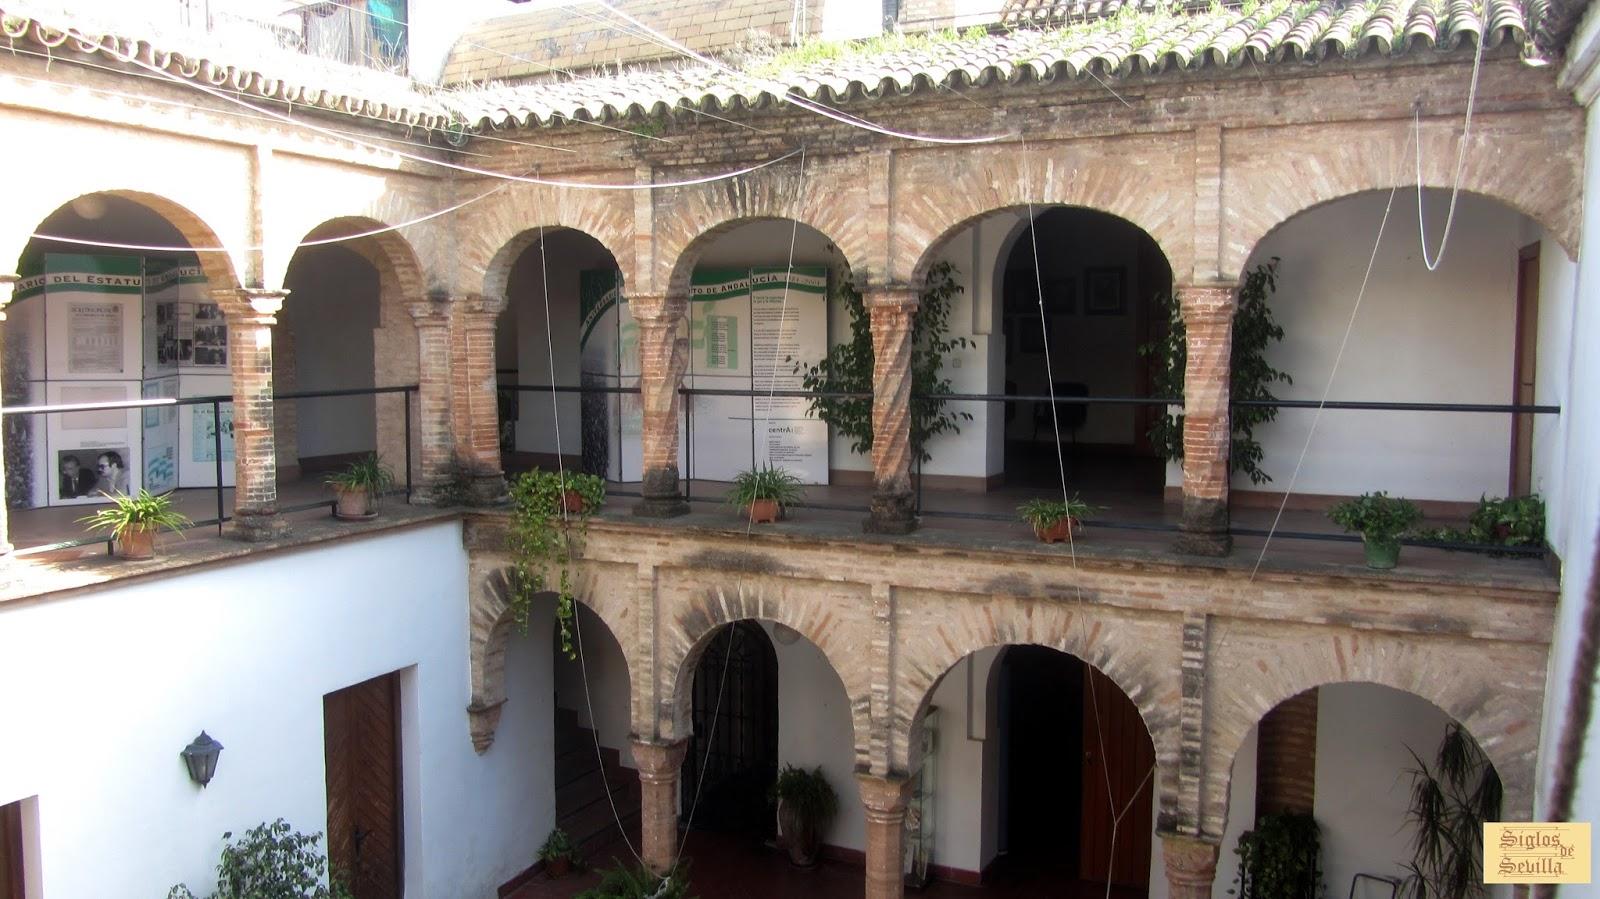 Siglos De Sevilla: Las Casas Más Antiguas De Sevilla